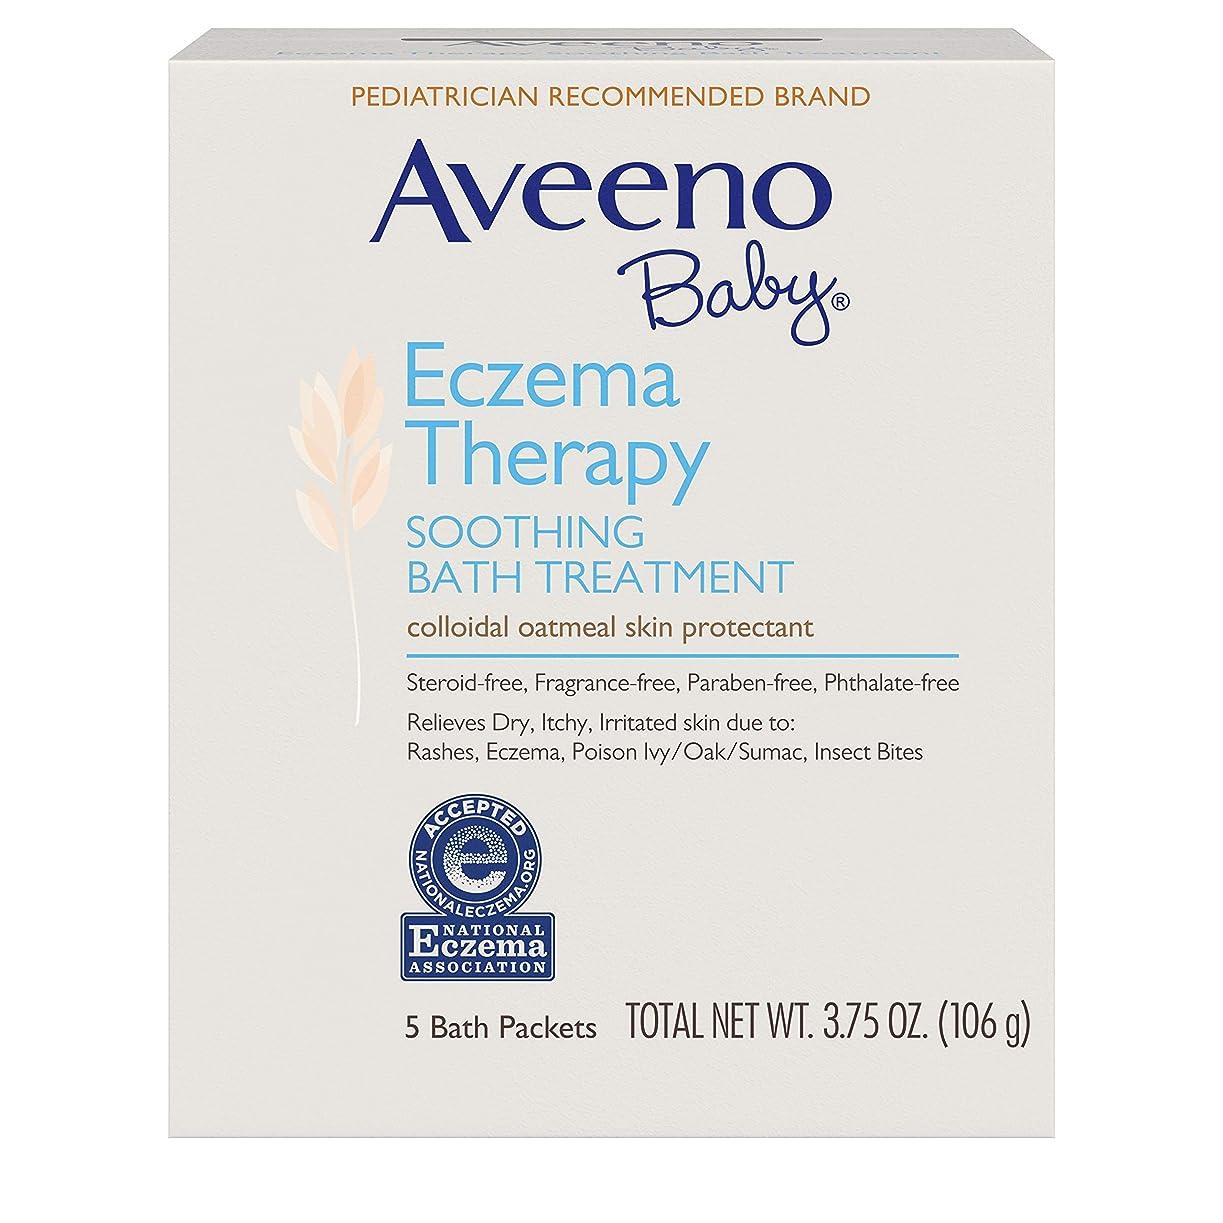 脳ビリーもっともらしい〈海外直送品〉AVEENO? Baby Eczema Therapy SOOTHING BATH TREATMENT - 5パック(106g) アヴィーノ スーシング バストリートメント